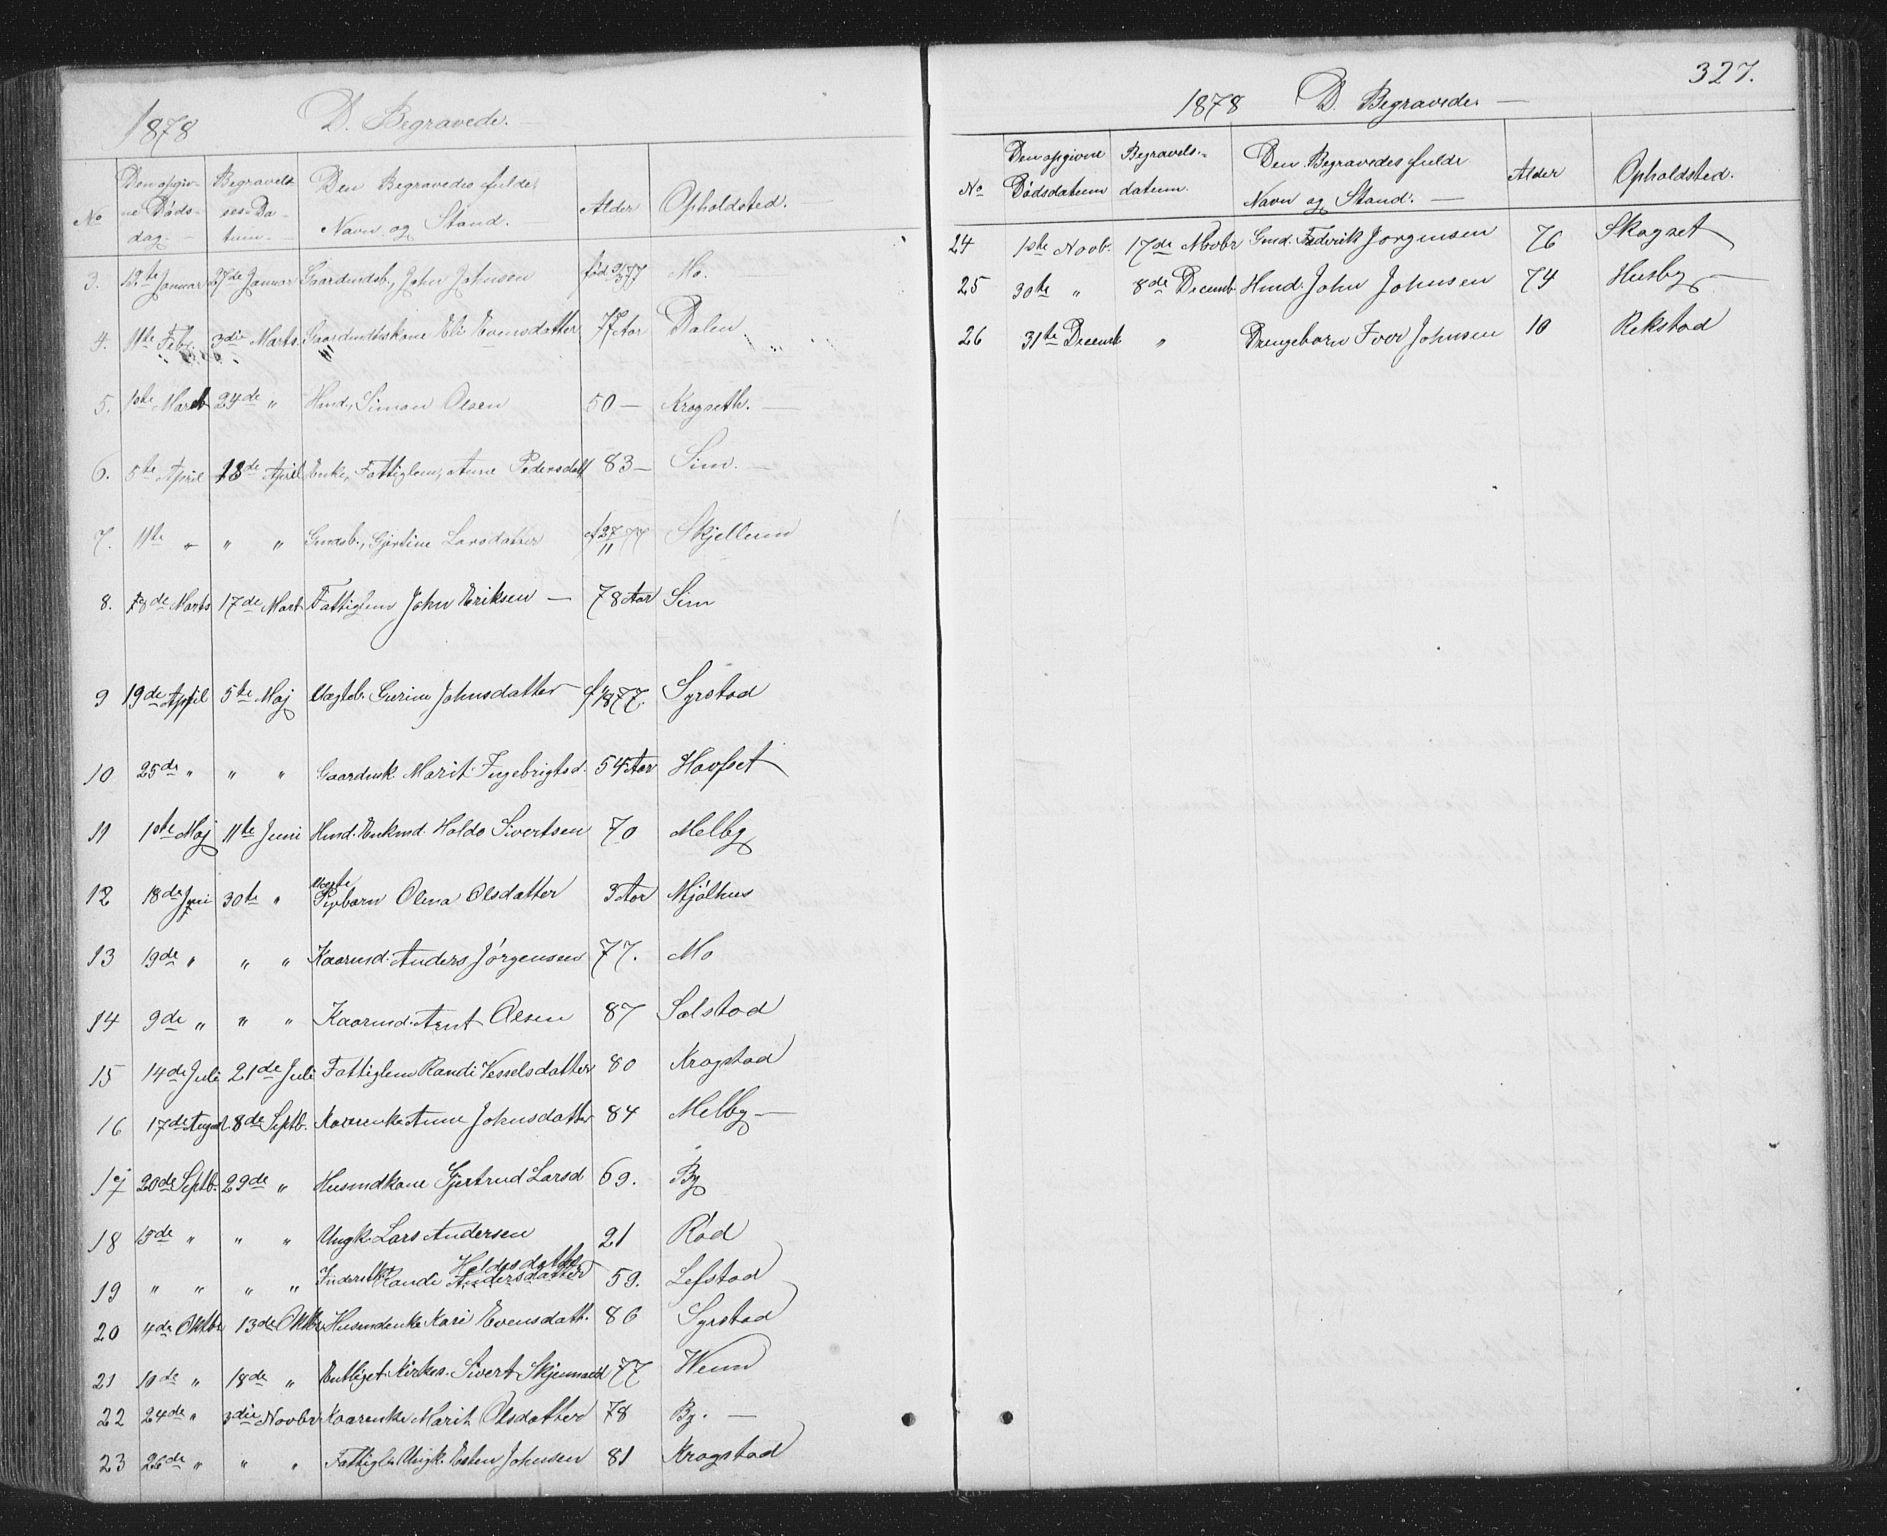 SAT, Ministerialprotokoller, klokkerbøker og fødselsregistre - Sør-Trøndelag, 667/L0798: Klokkerbok nr. 667C03, 1867-1929, s. 327